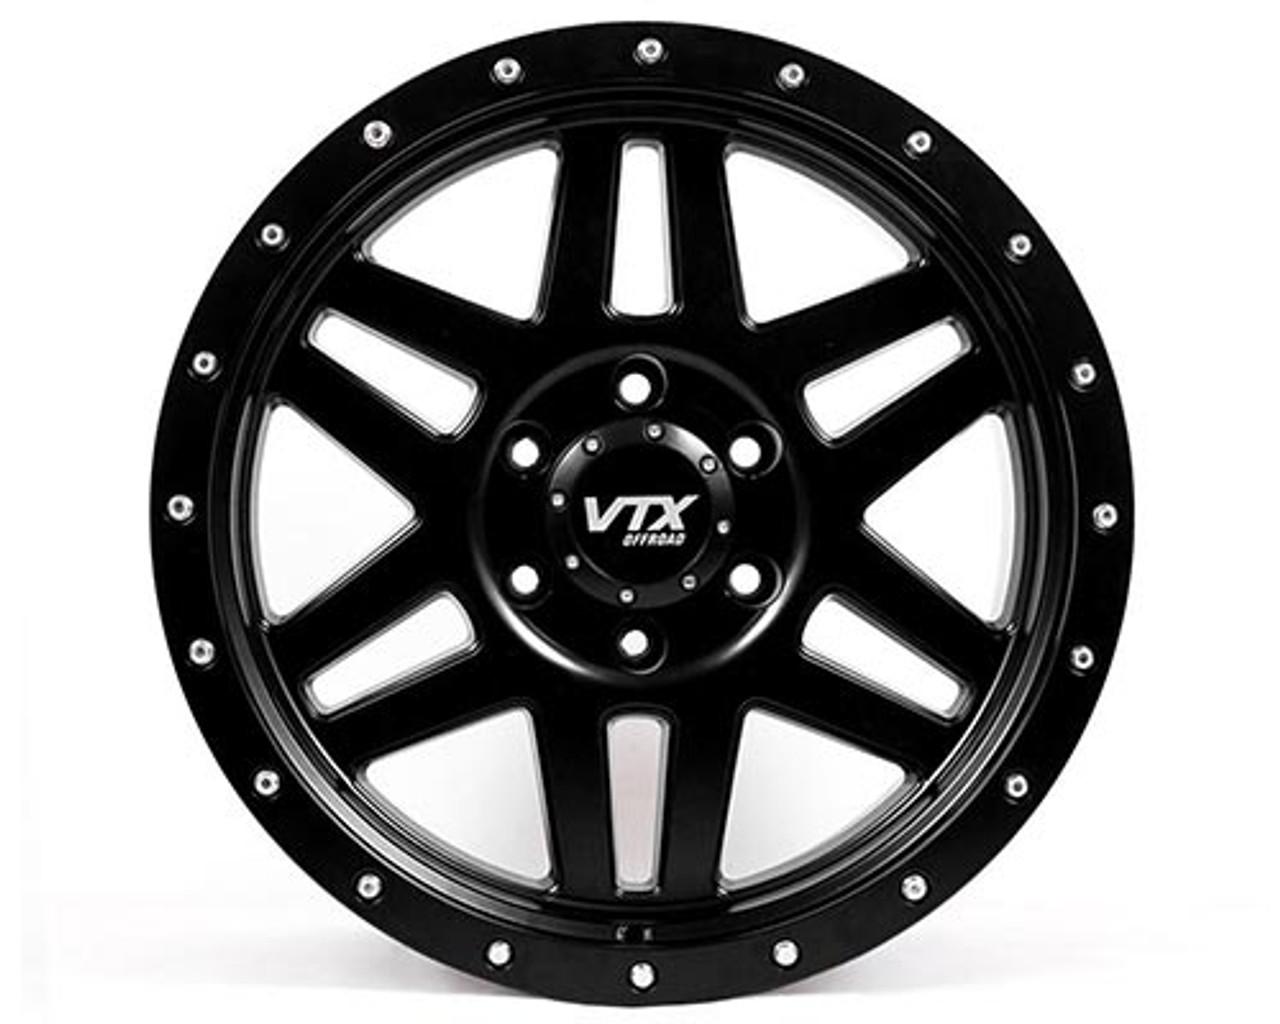 VTX Viper - Satin Black 16 x 8 in.